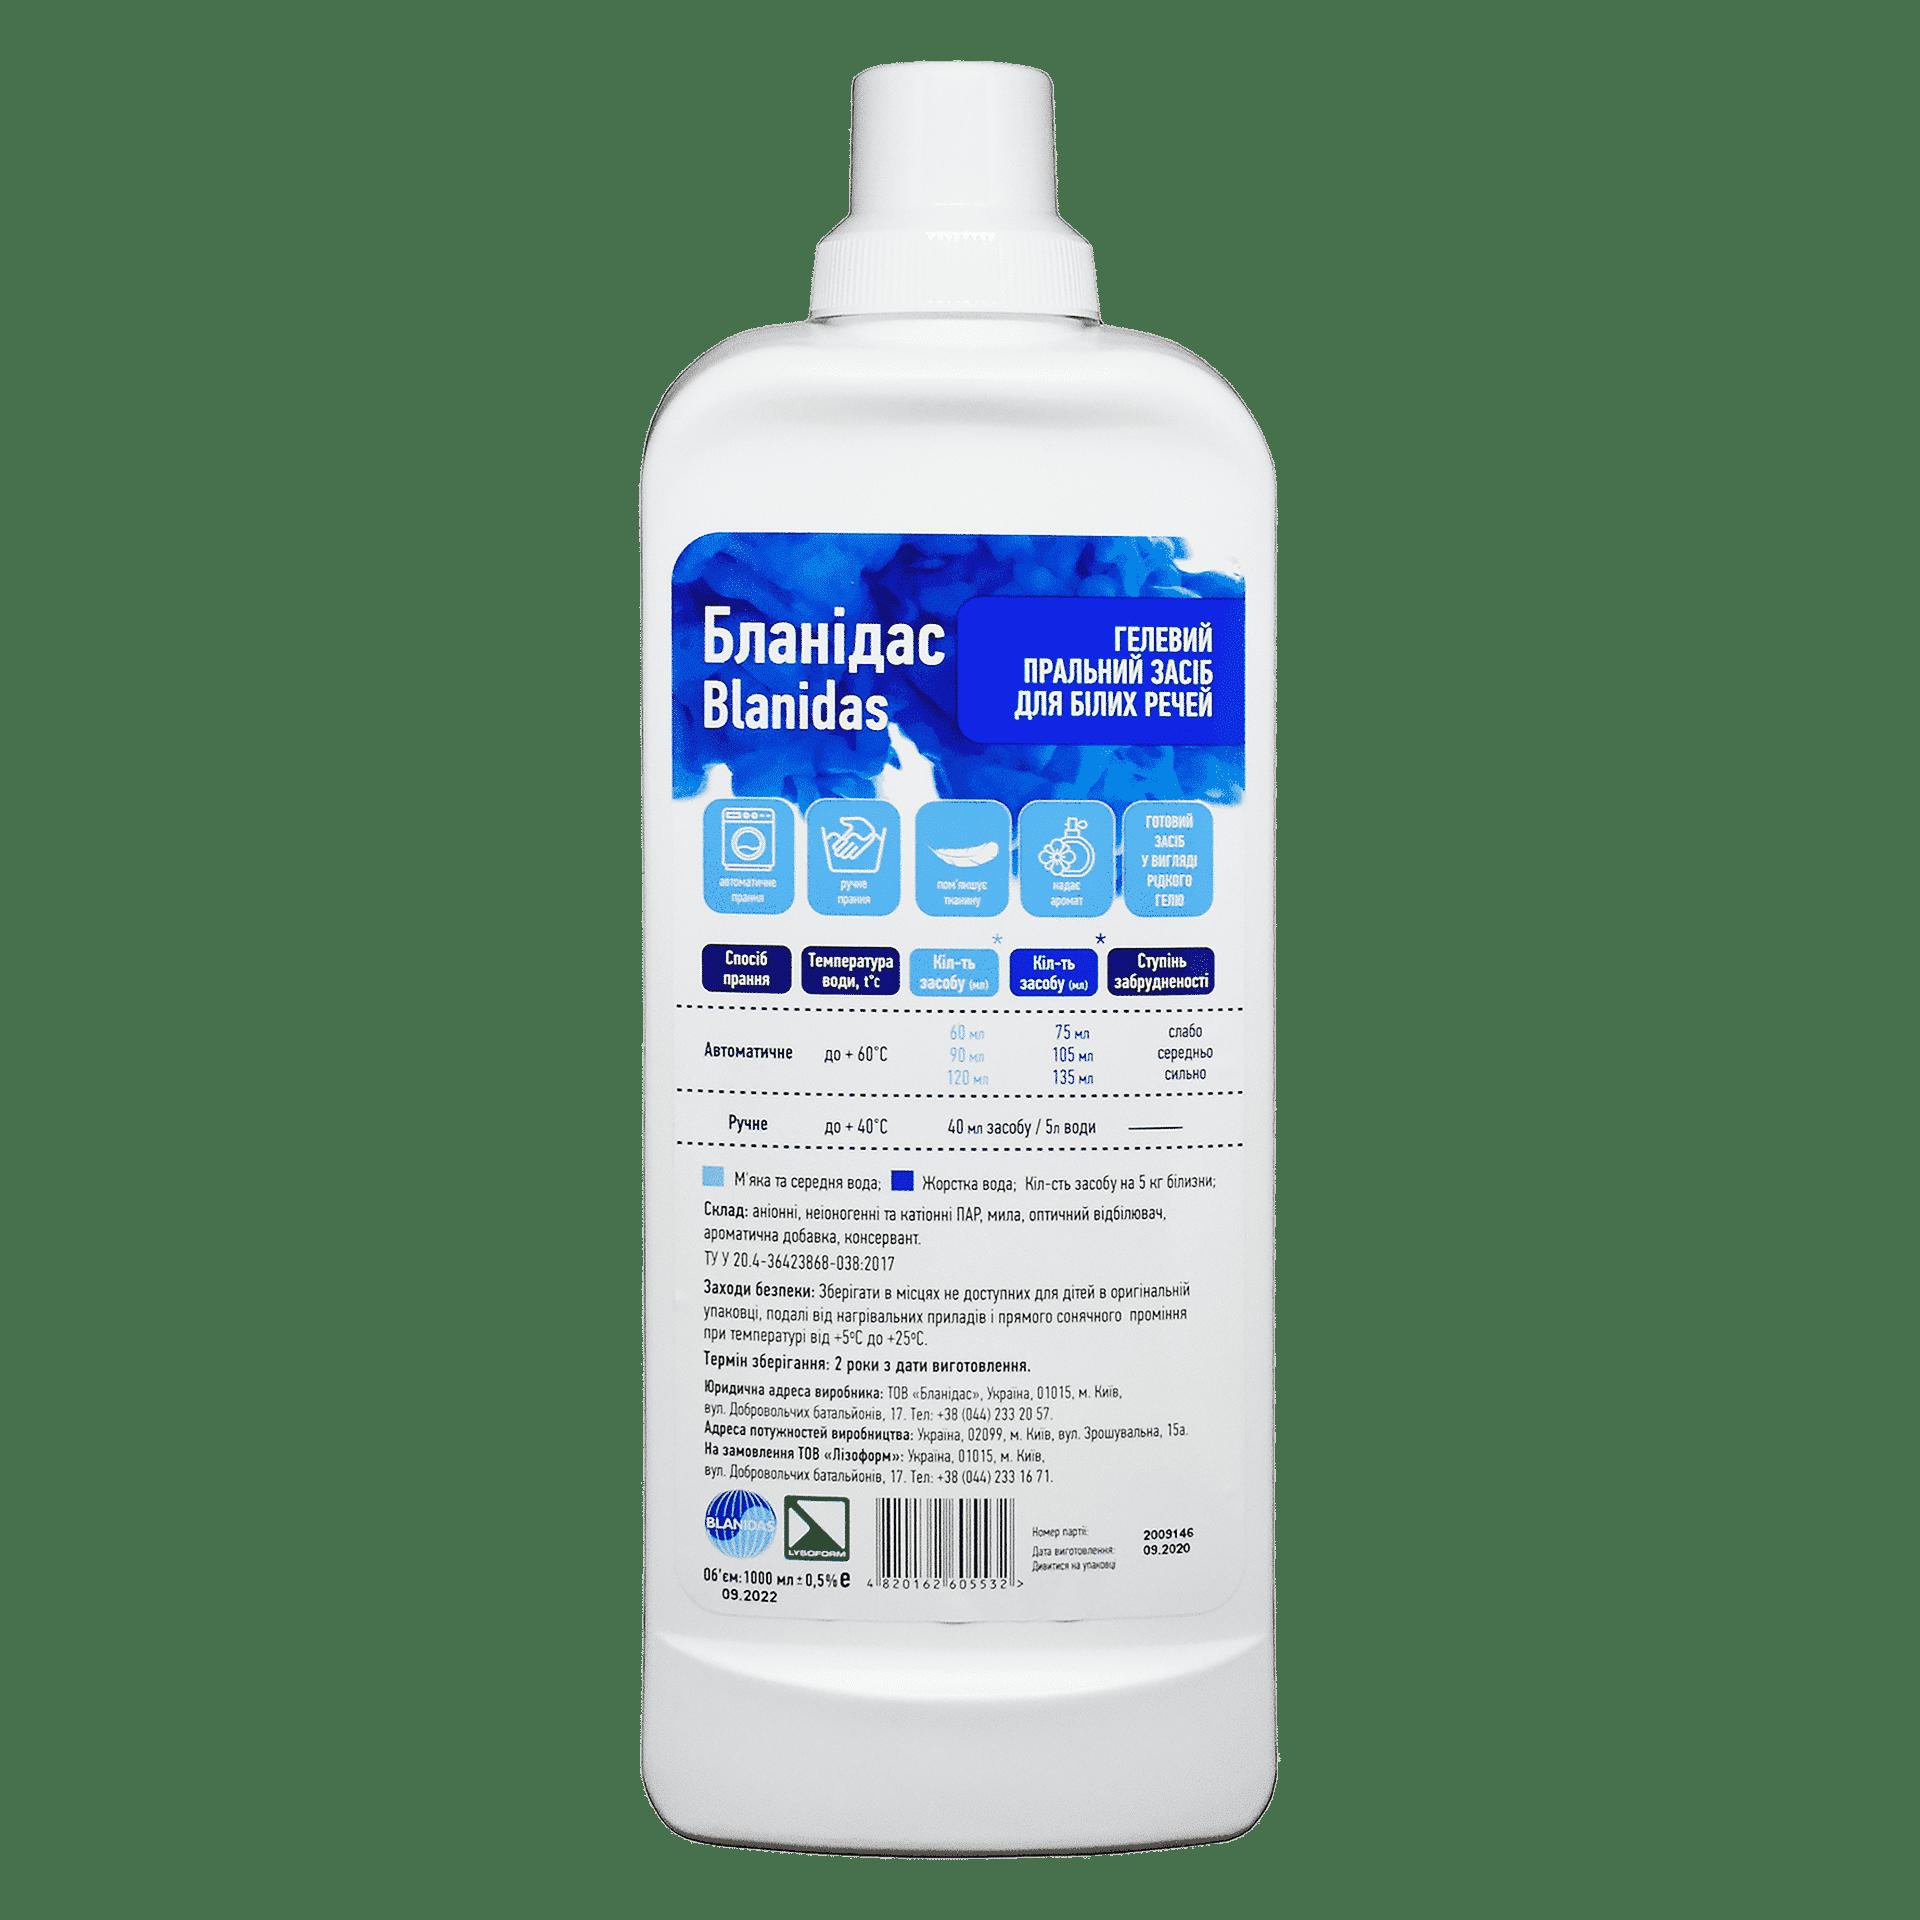 Бланідас- гелевий пральний засіб для білих речей, 1л